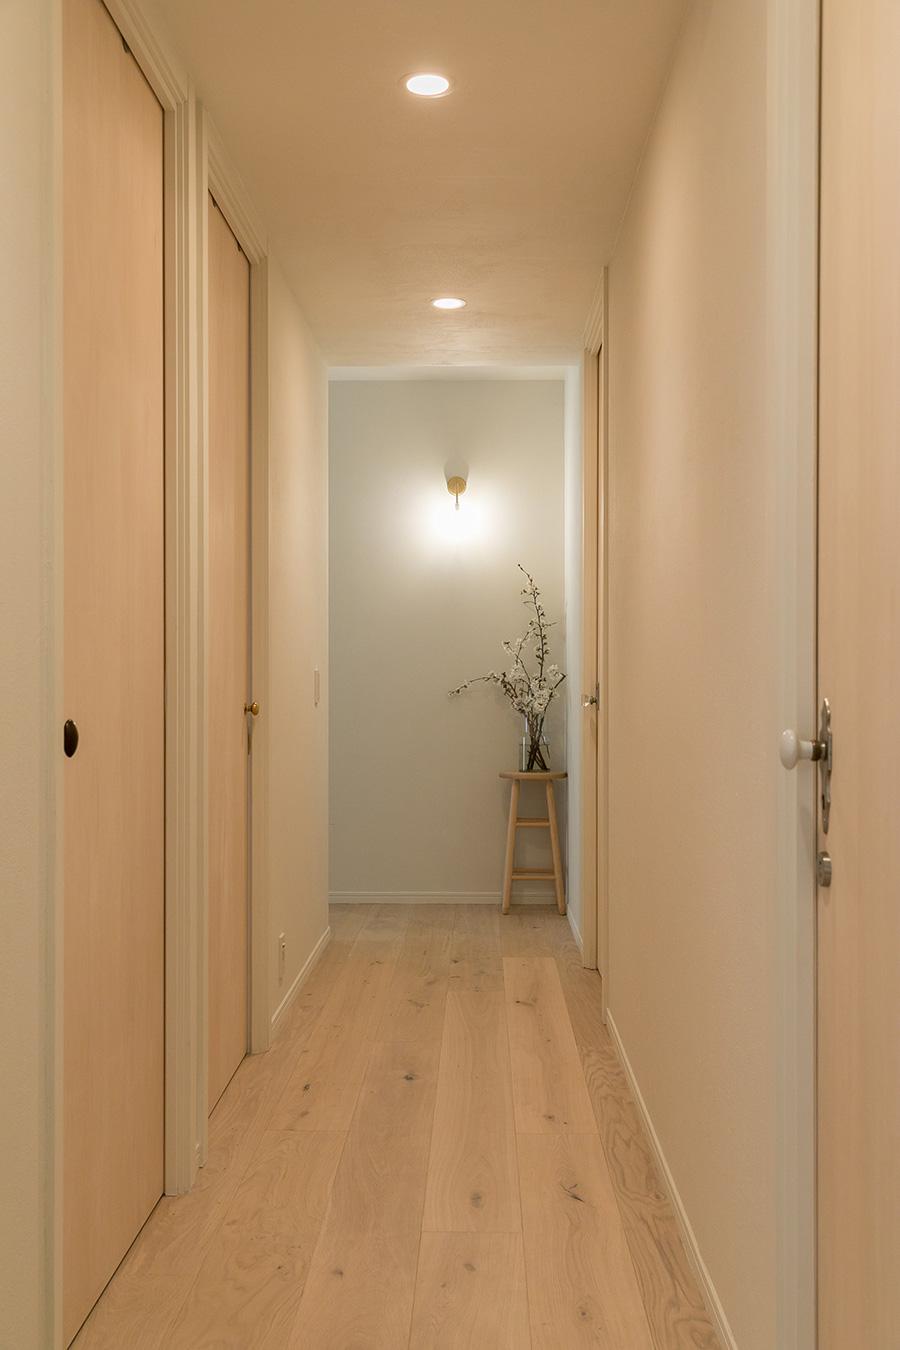 ベージュトーンの廊下の先に、季節の花を飾るコーナーを設けた。それぞれの扉に違うドアノブをつけ、物語を感じさせる廊下に。